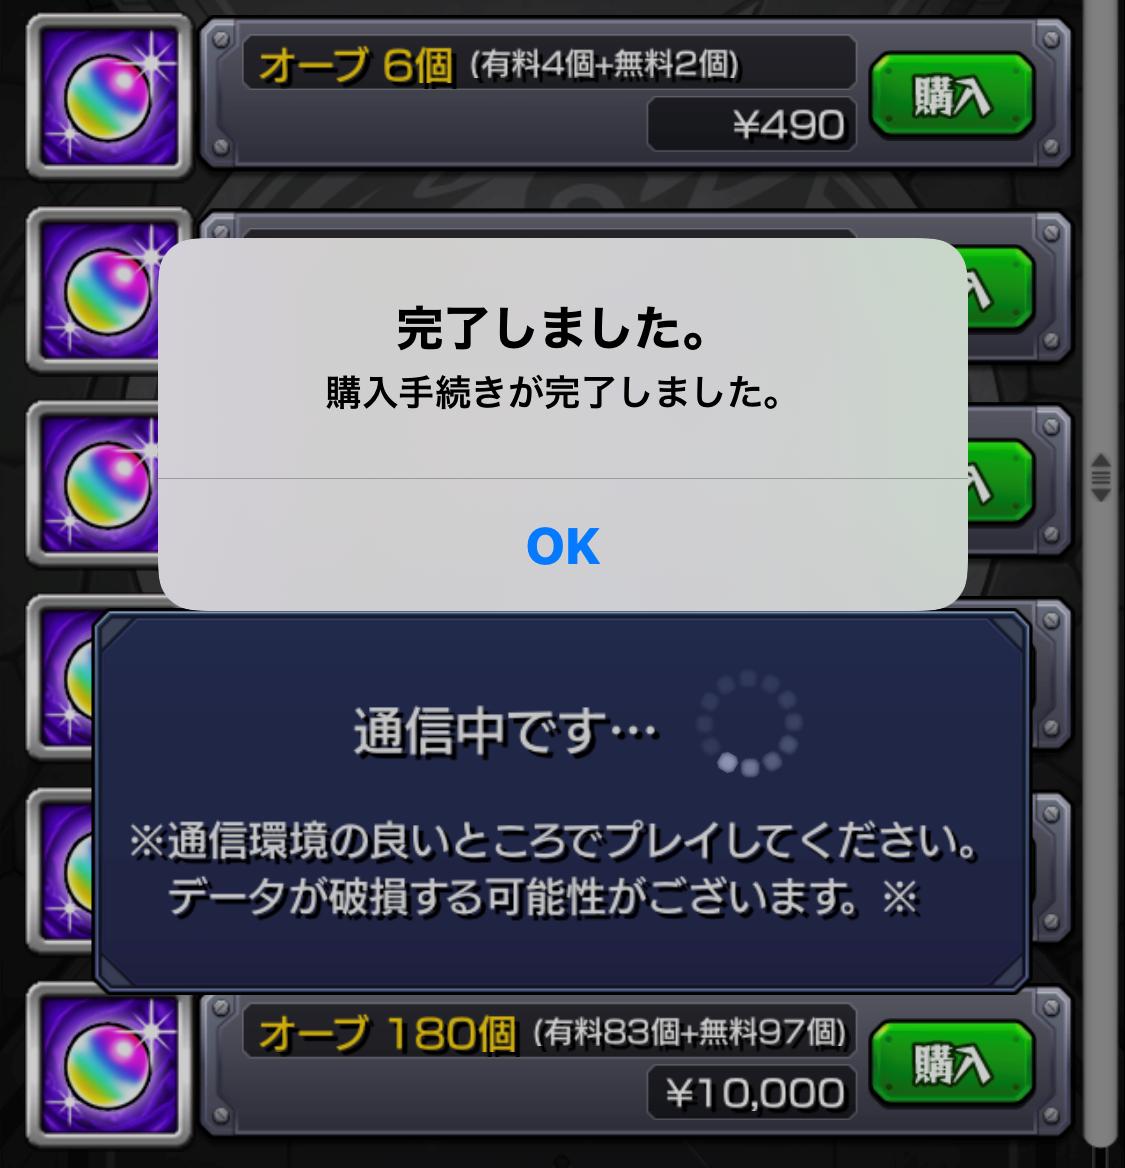 17_安定のオーブ購入(2万円目)